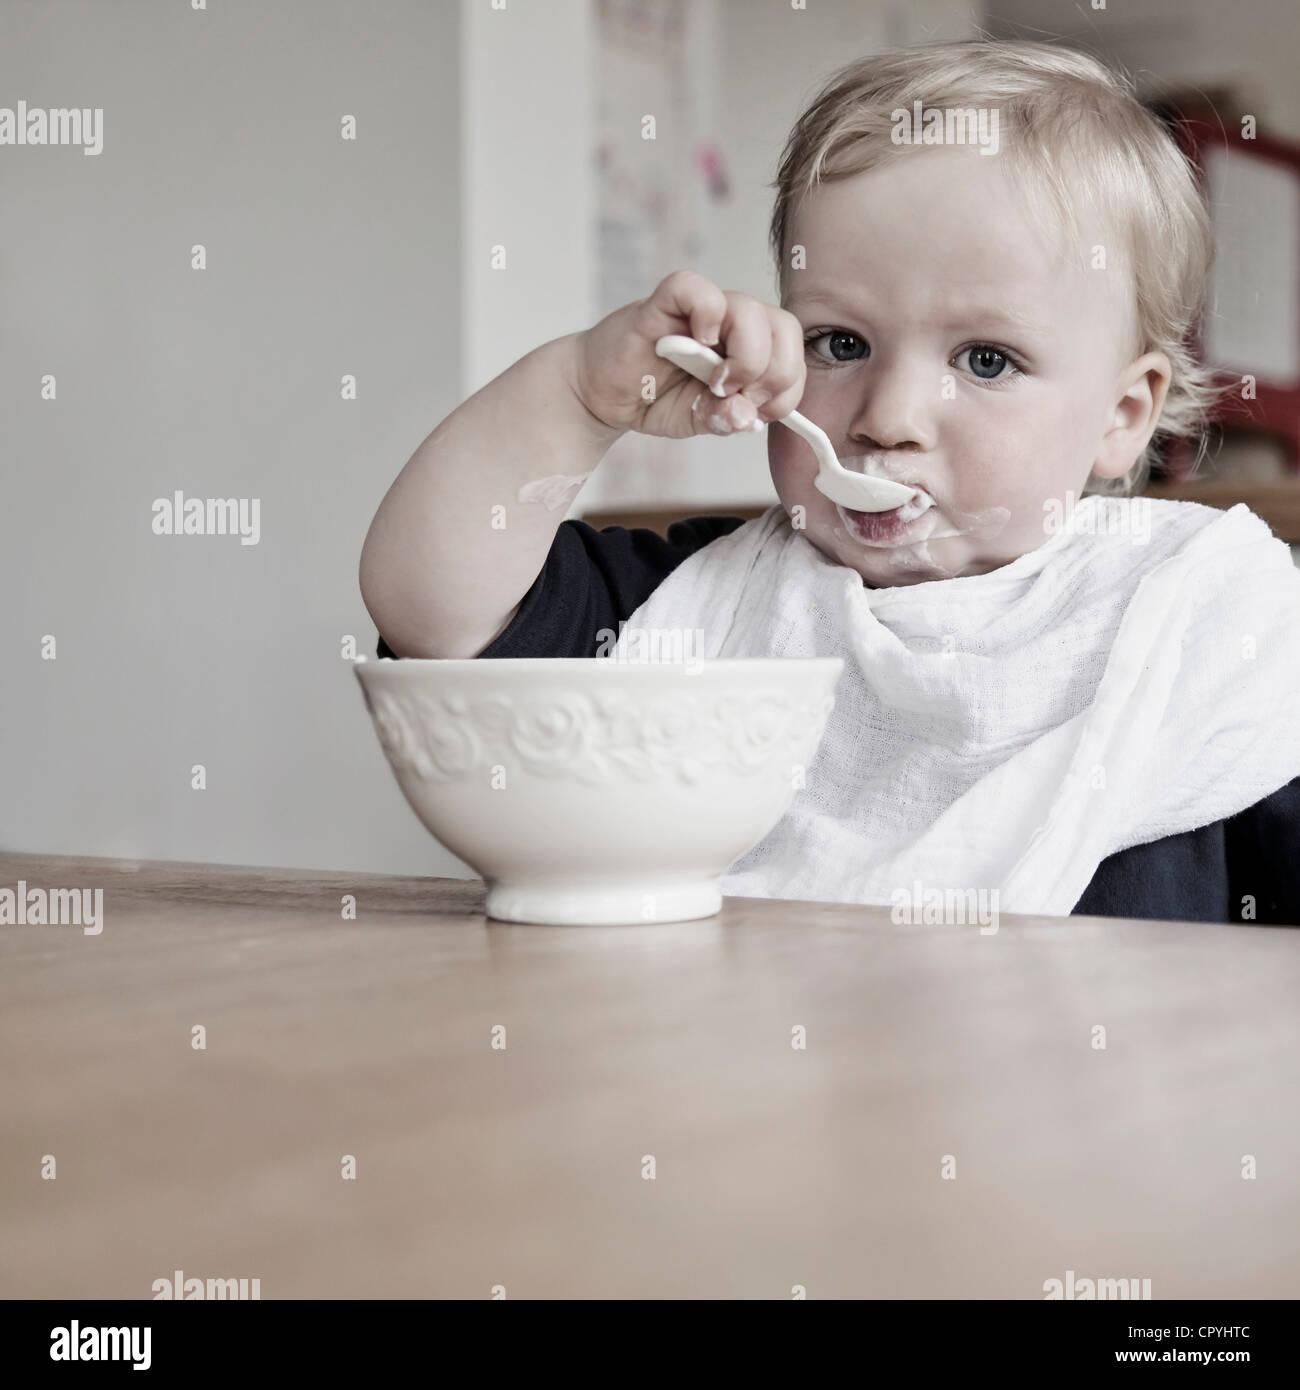 Ragazzo giovane (15 mesi) mangiare yogurt sulla sua con un cucchiaio, indossando bibs Immagini Stock